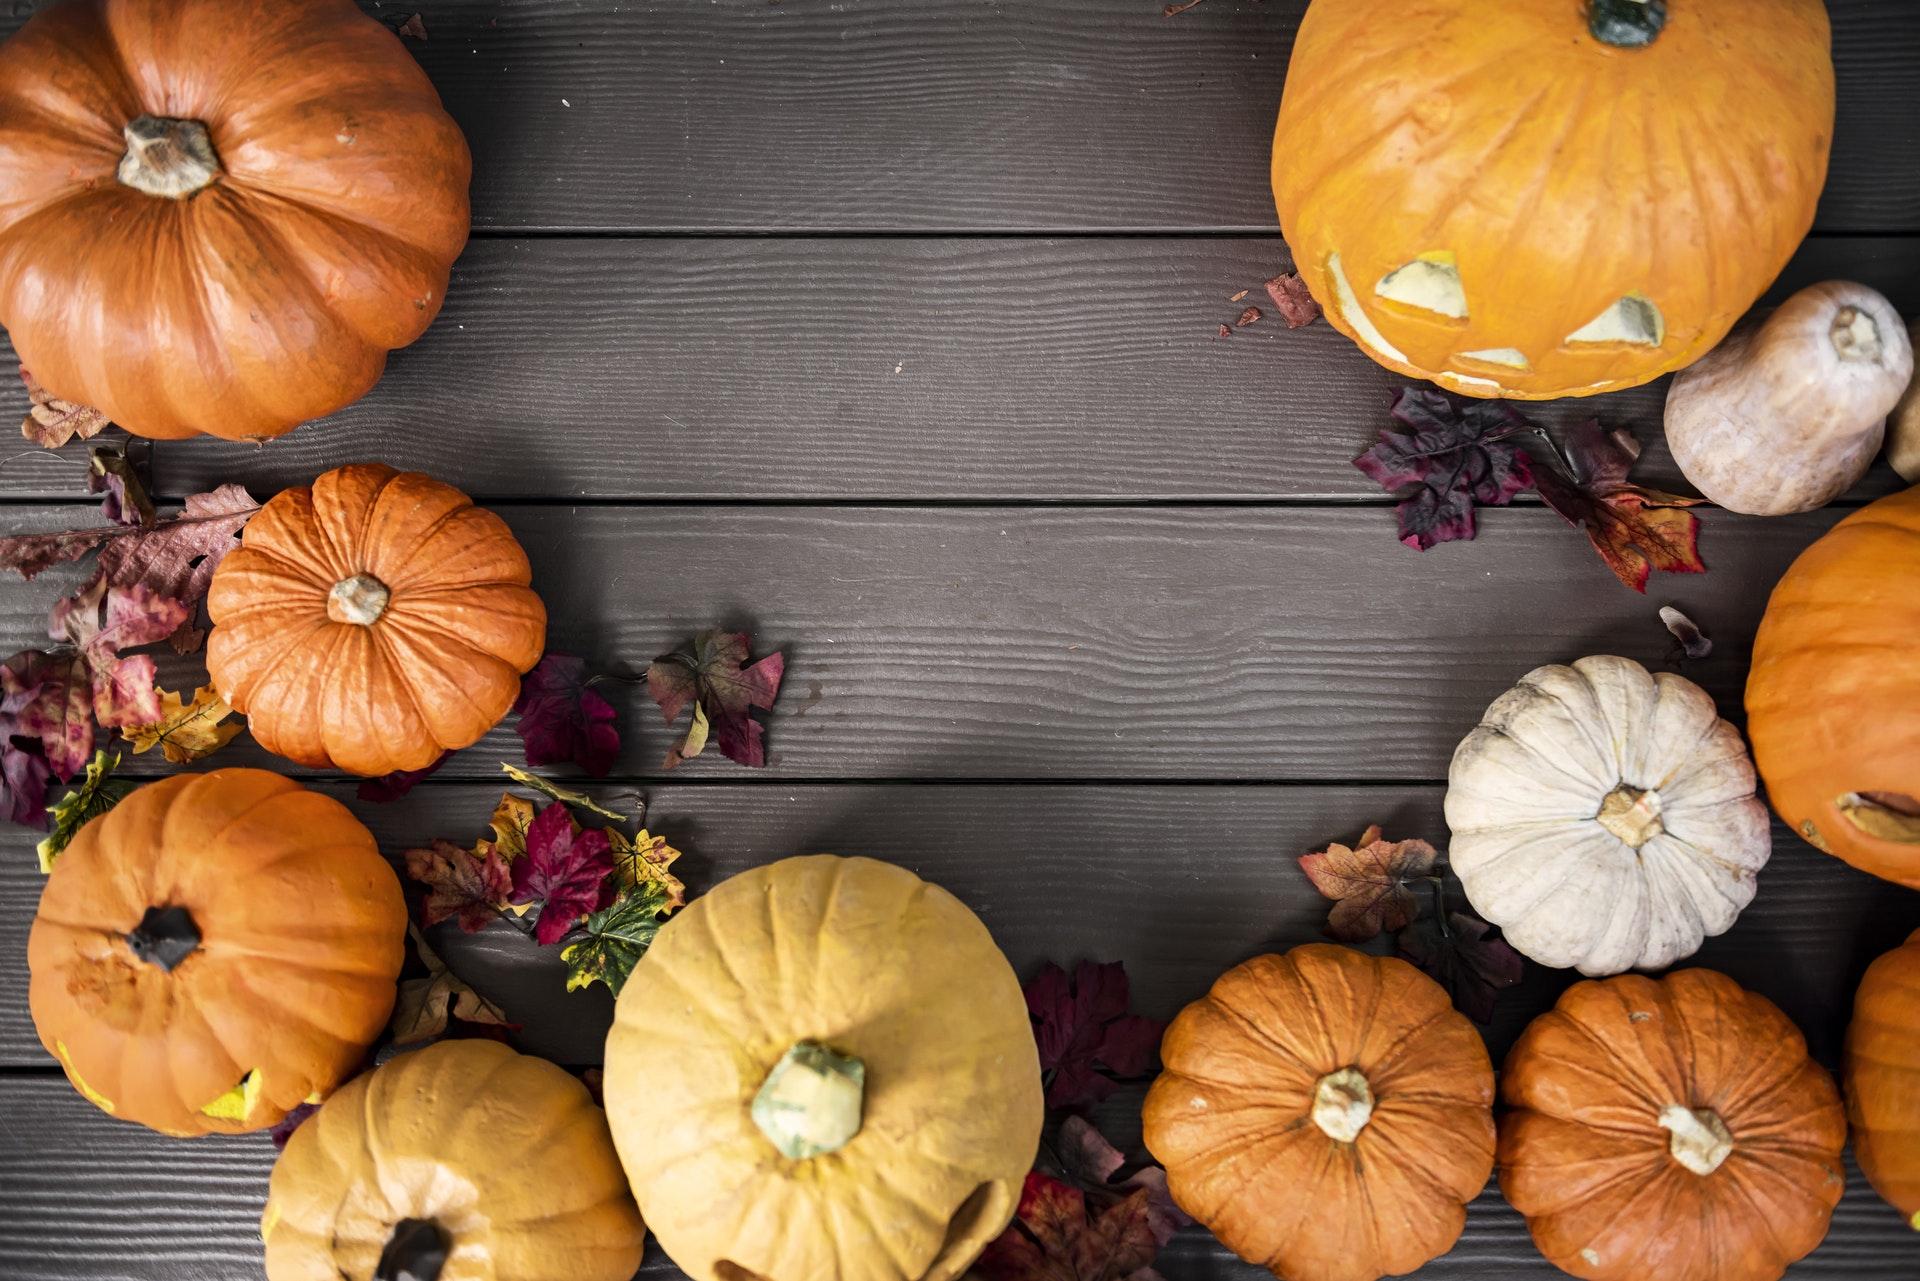 Pumpkin Abundance - Surprising Nutritional Benefits of the Humble Pumpkin